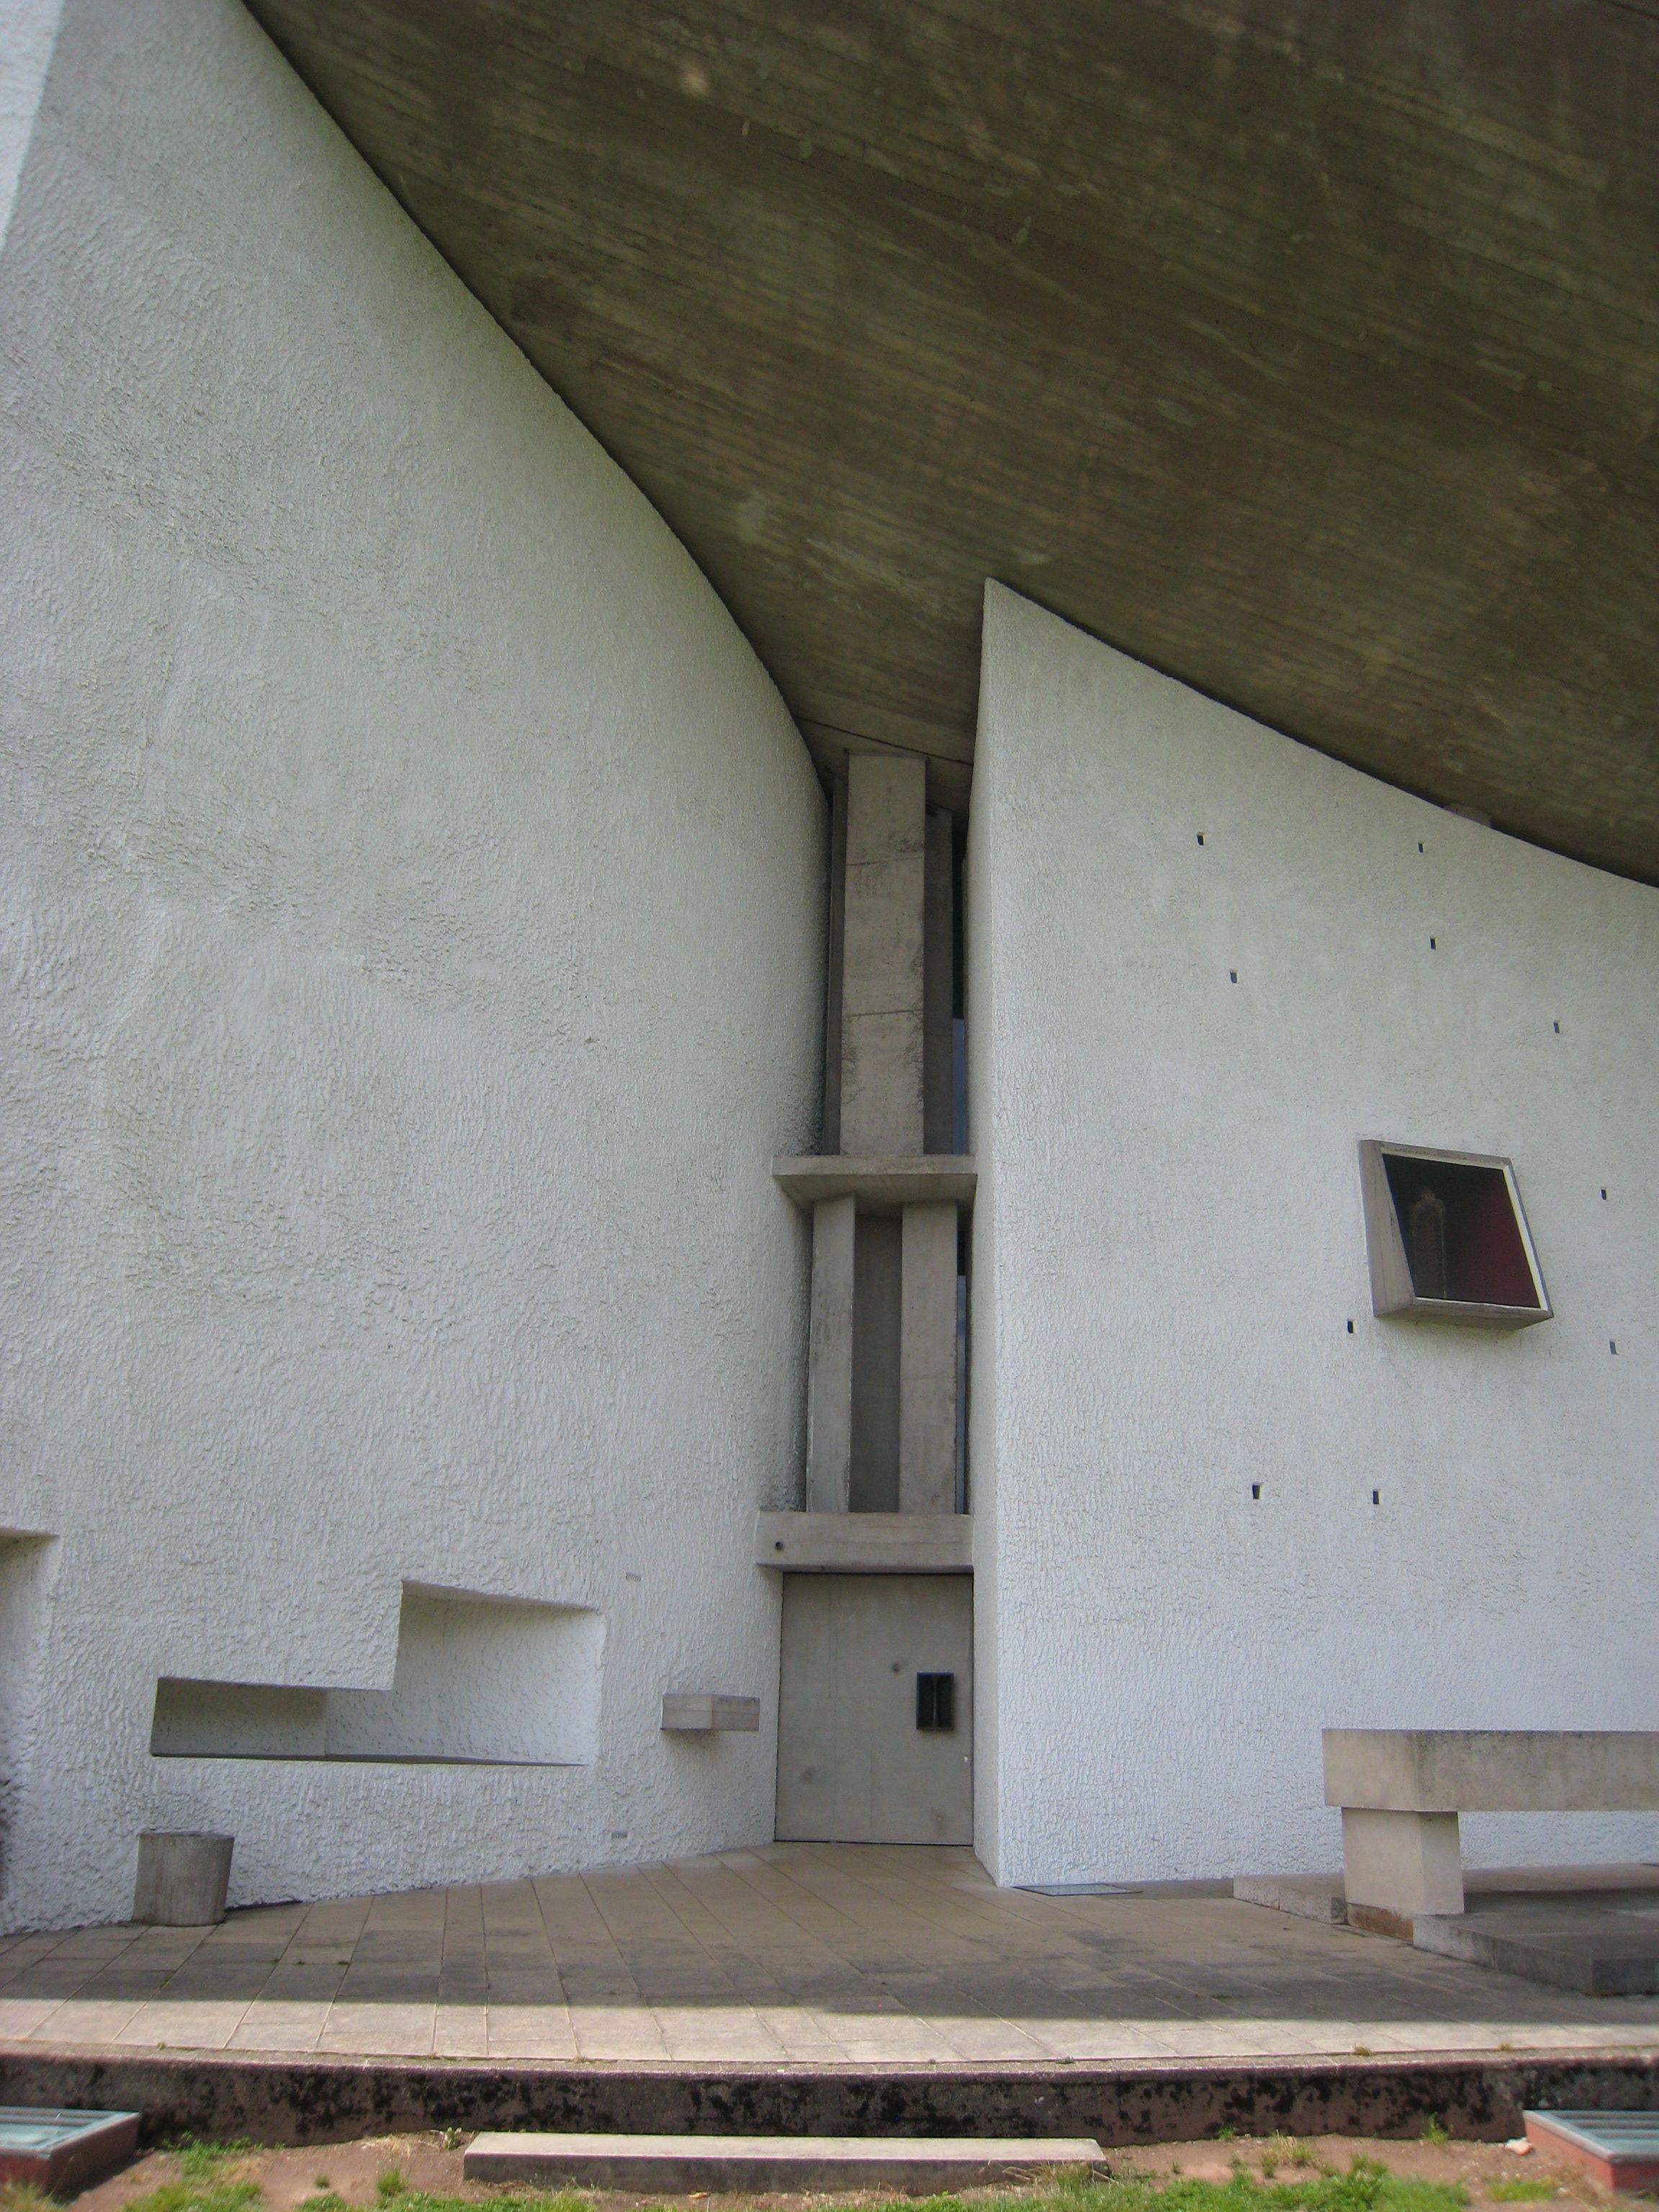 Ikea Bogenle chapel of notre dame du haut ronch designed by le corbusier